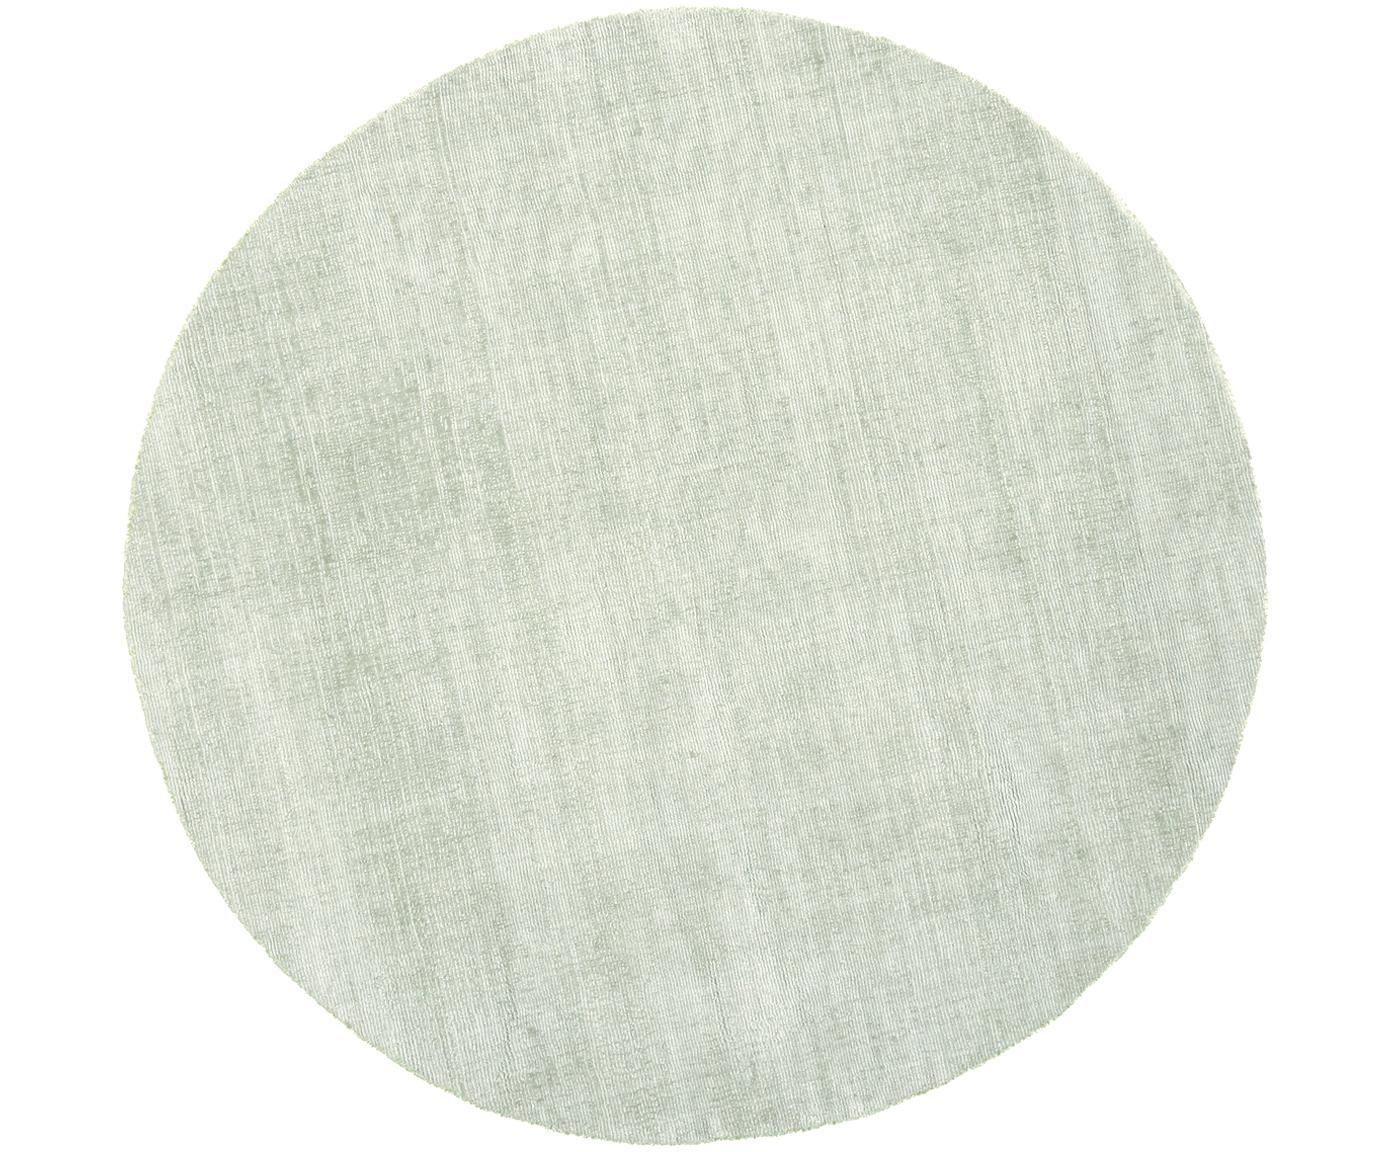 Runder Viskoseteppich Jane in Mintgrün, handgewebt, Flor: 100% Viskose, Mintgrün, Ø 200 cm (Grösse L)